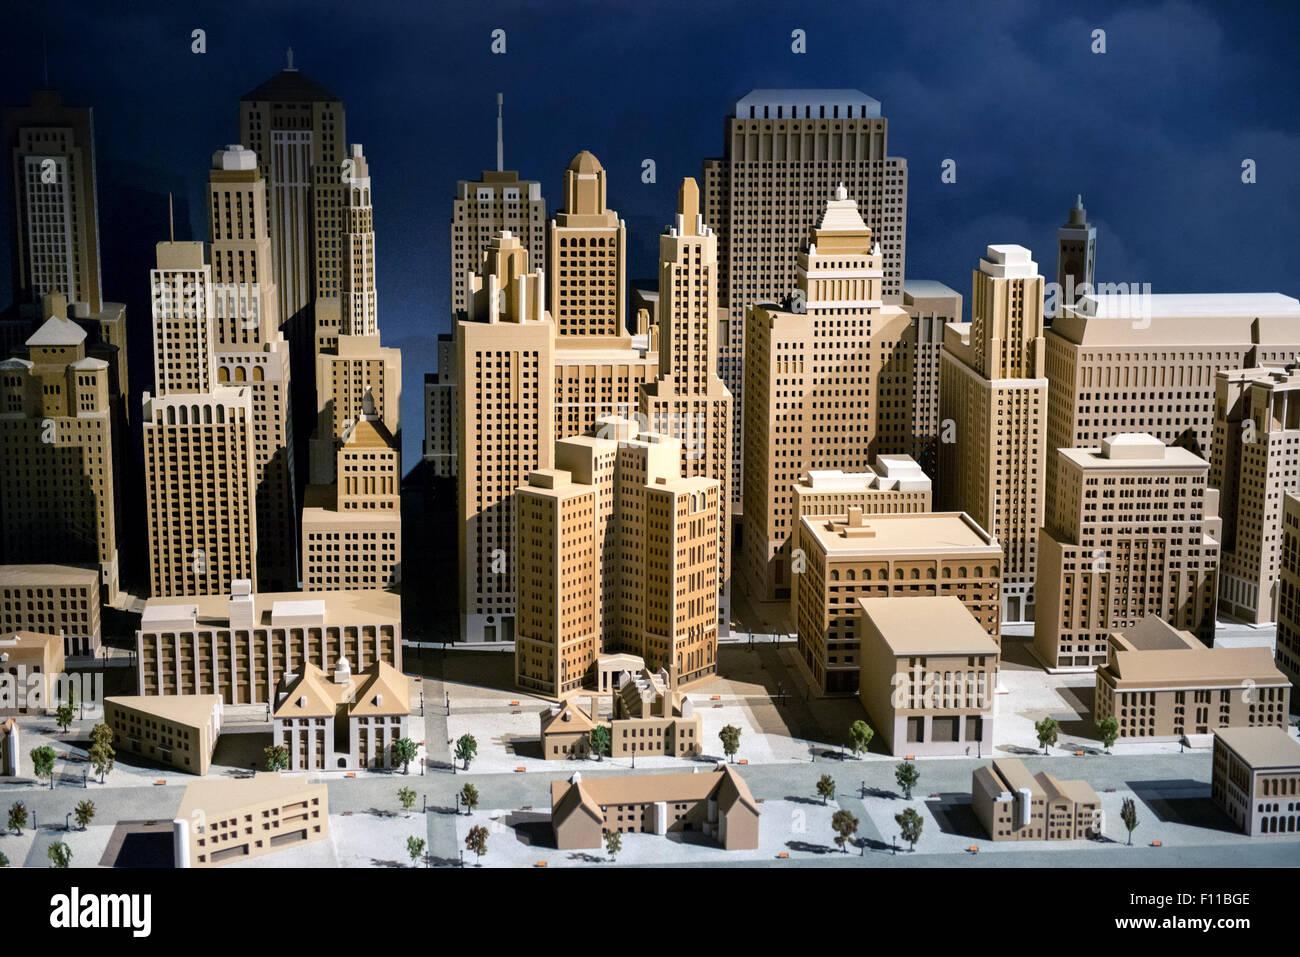 3d modello in scala di una città che mostra il CBD con moderni grattacieli e alto edificio di architettura Immagini Stock